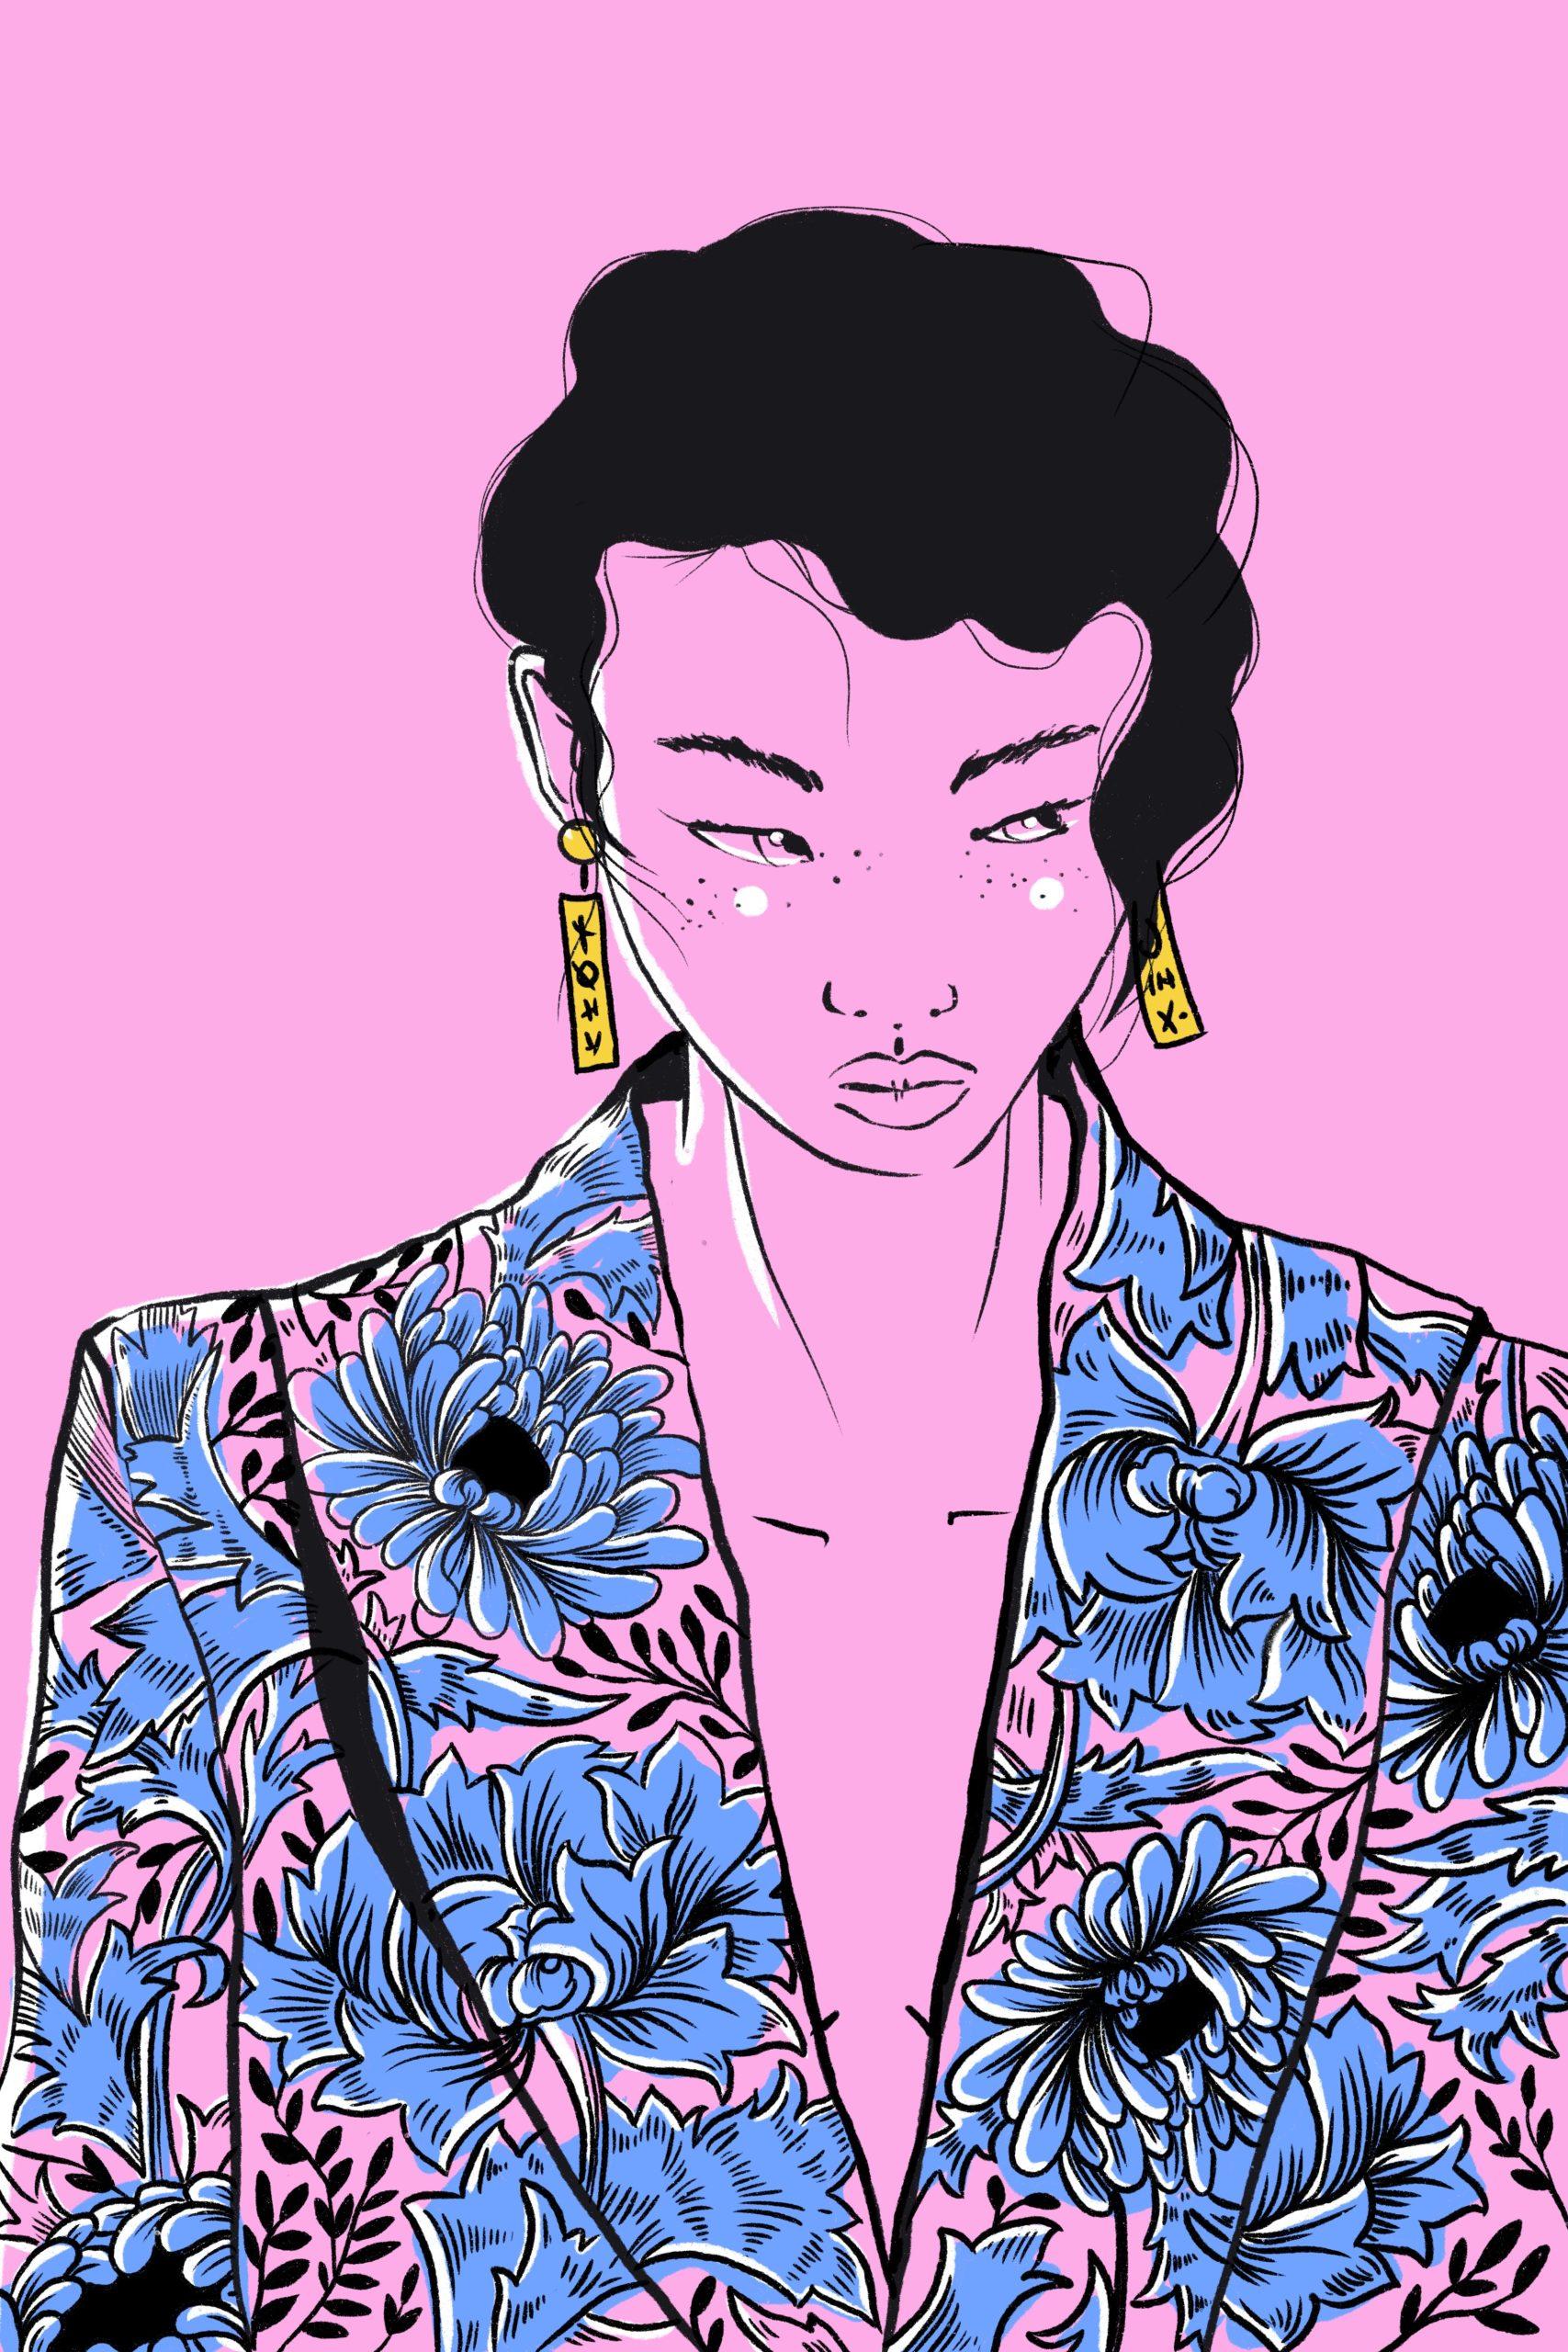 Illustration Digital Asian Trans Earring Jacket Flower Blumenmuster Rosa Blau Gelb